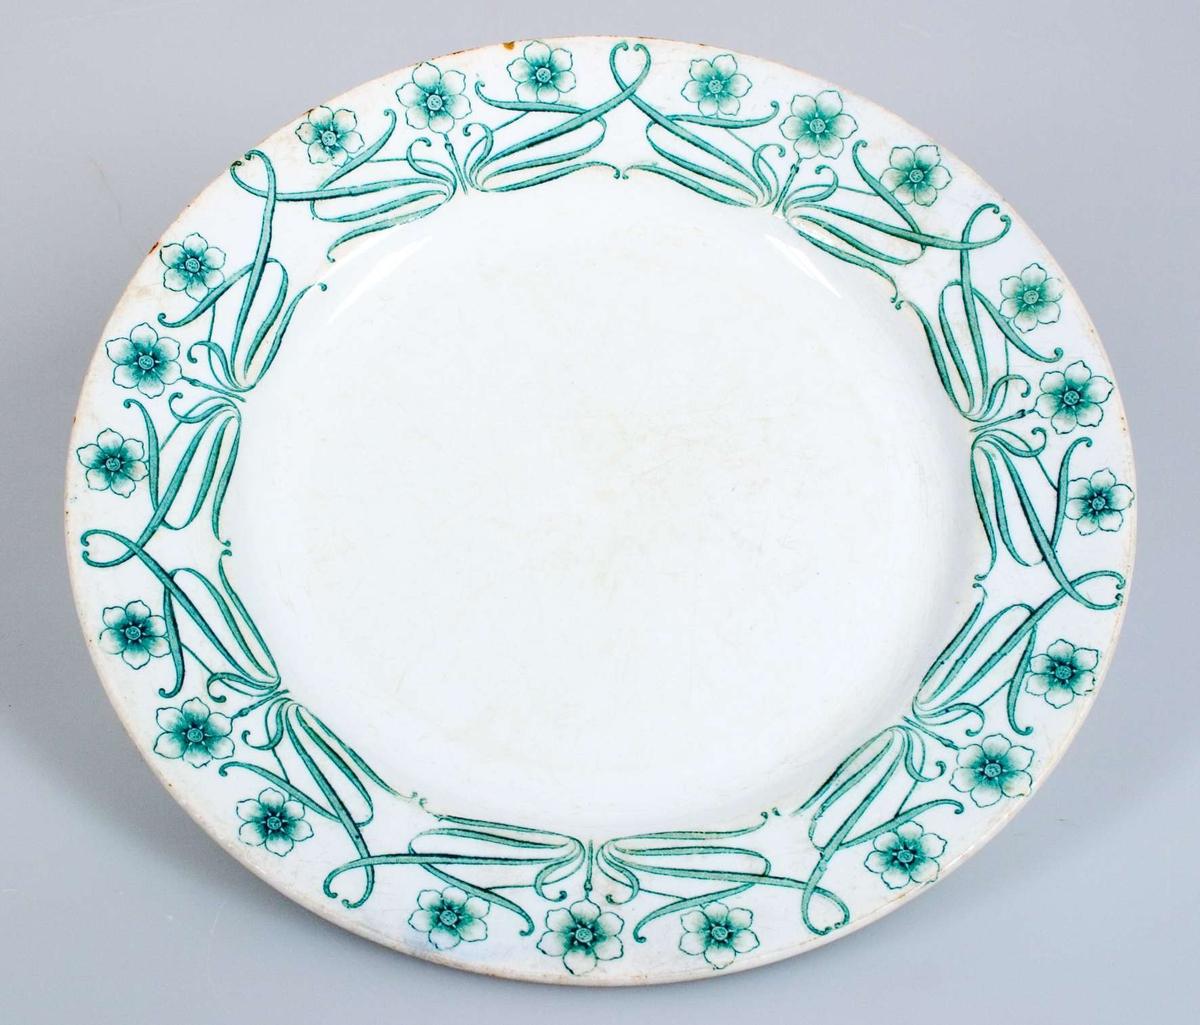 Vitglaserad med tryckt grön dekor. Grön tryckt stämpel: CHIC Gustafsberg. Instämplat i massan: Gustafsberg OPAK O2.